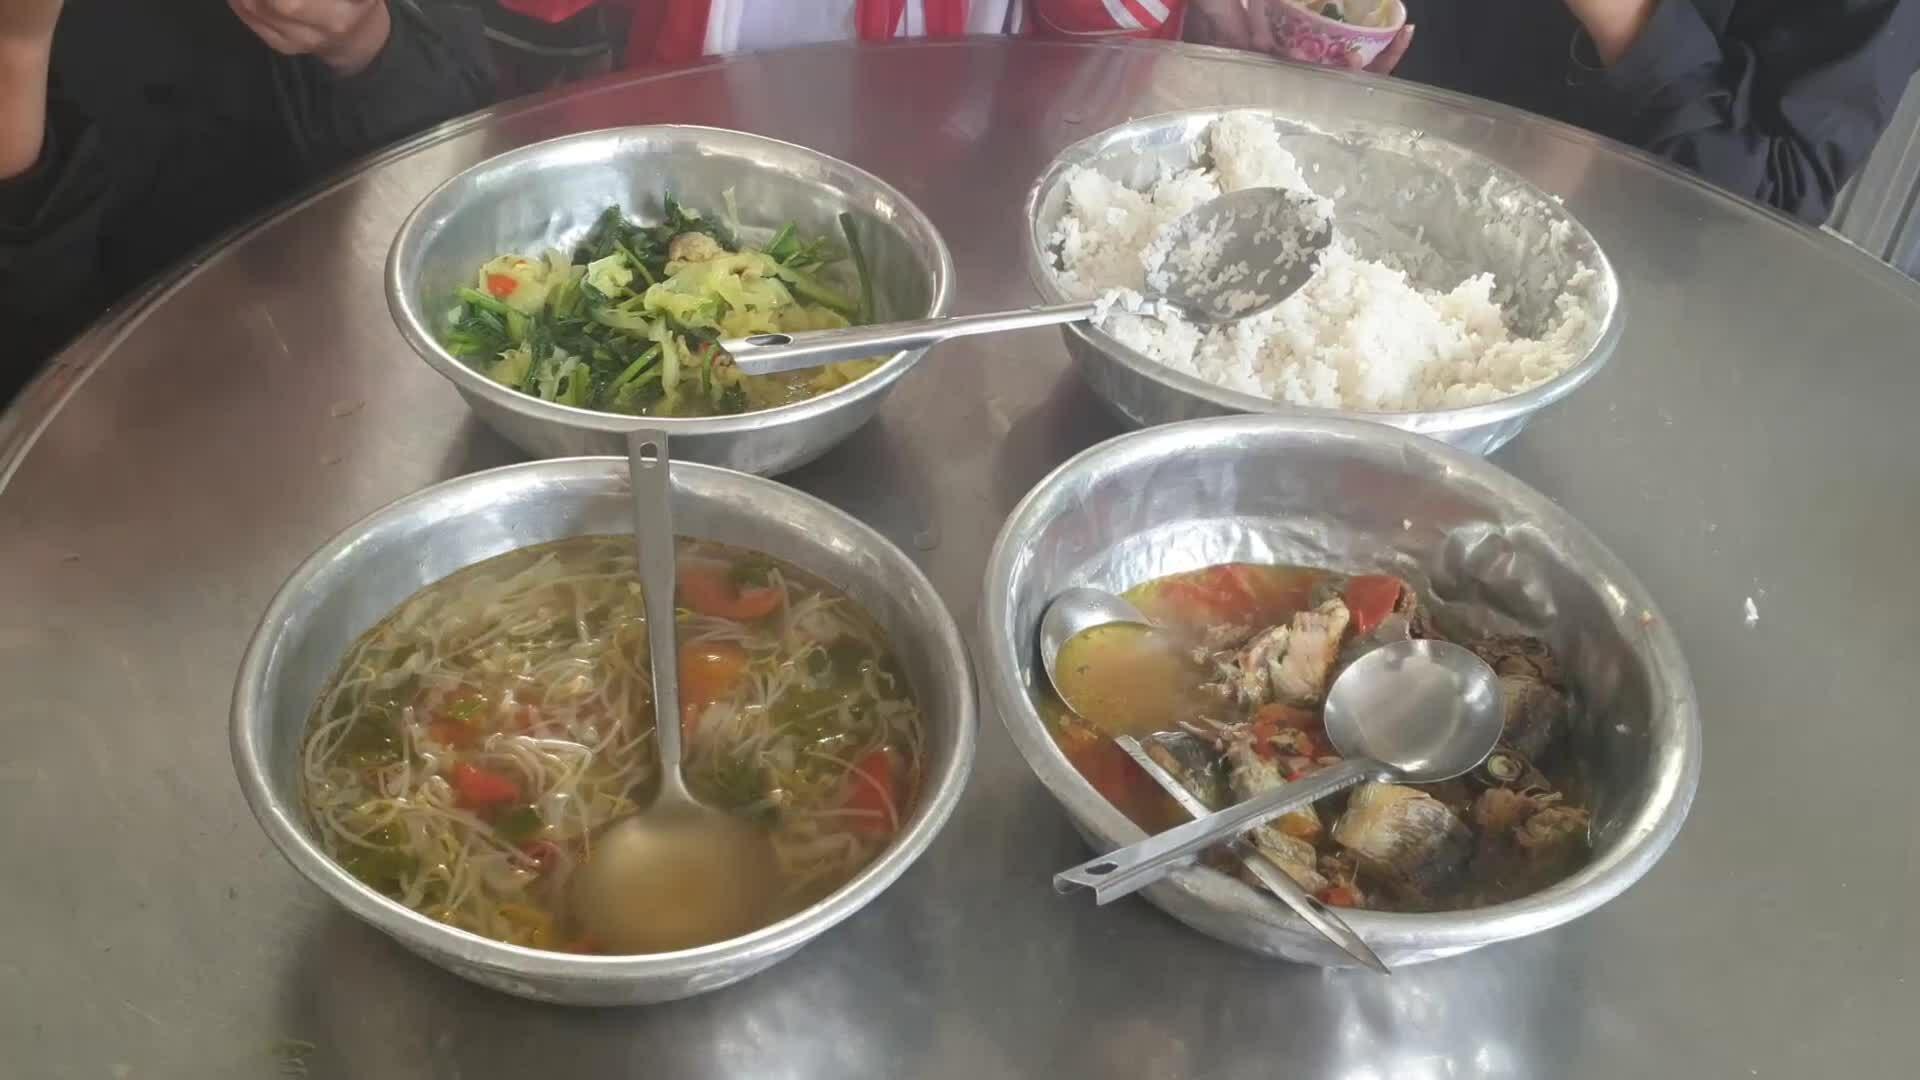 Bữa cơm bán trú giữa trái nhà tôn